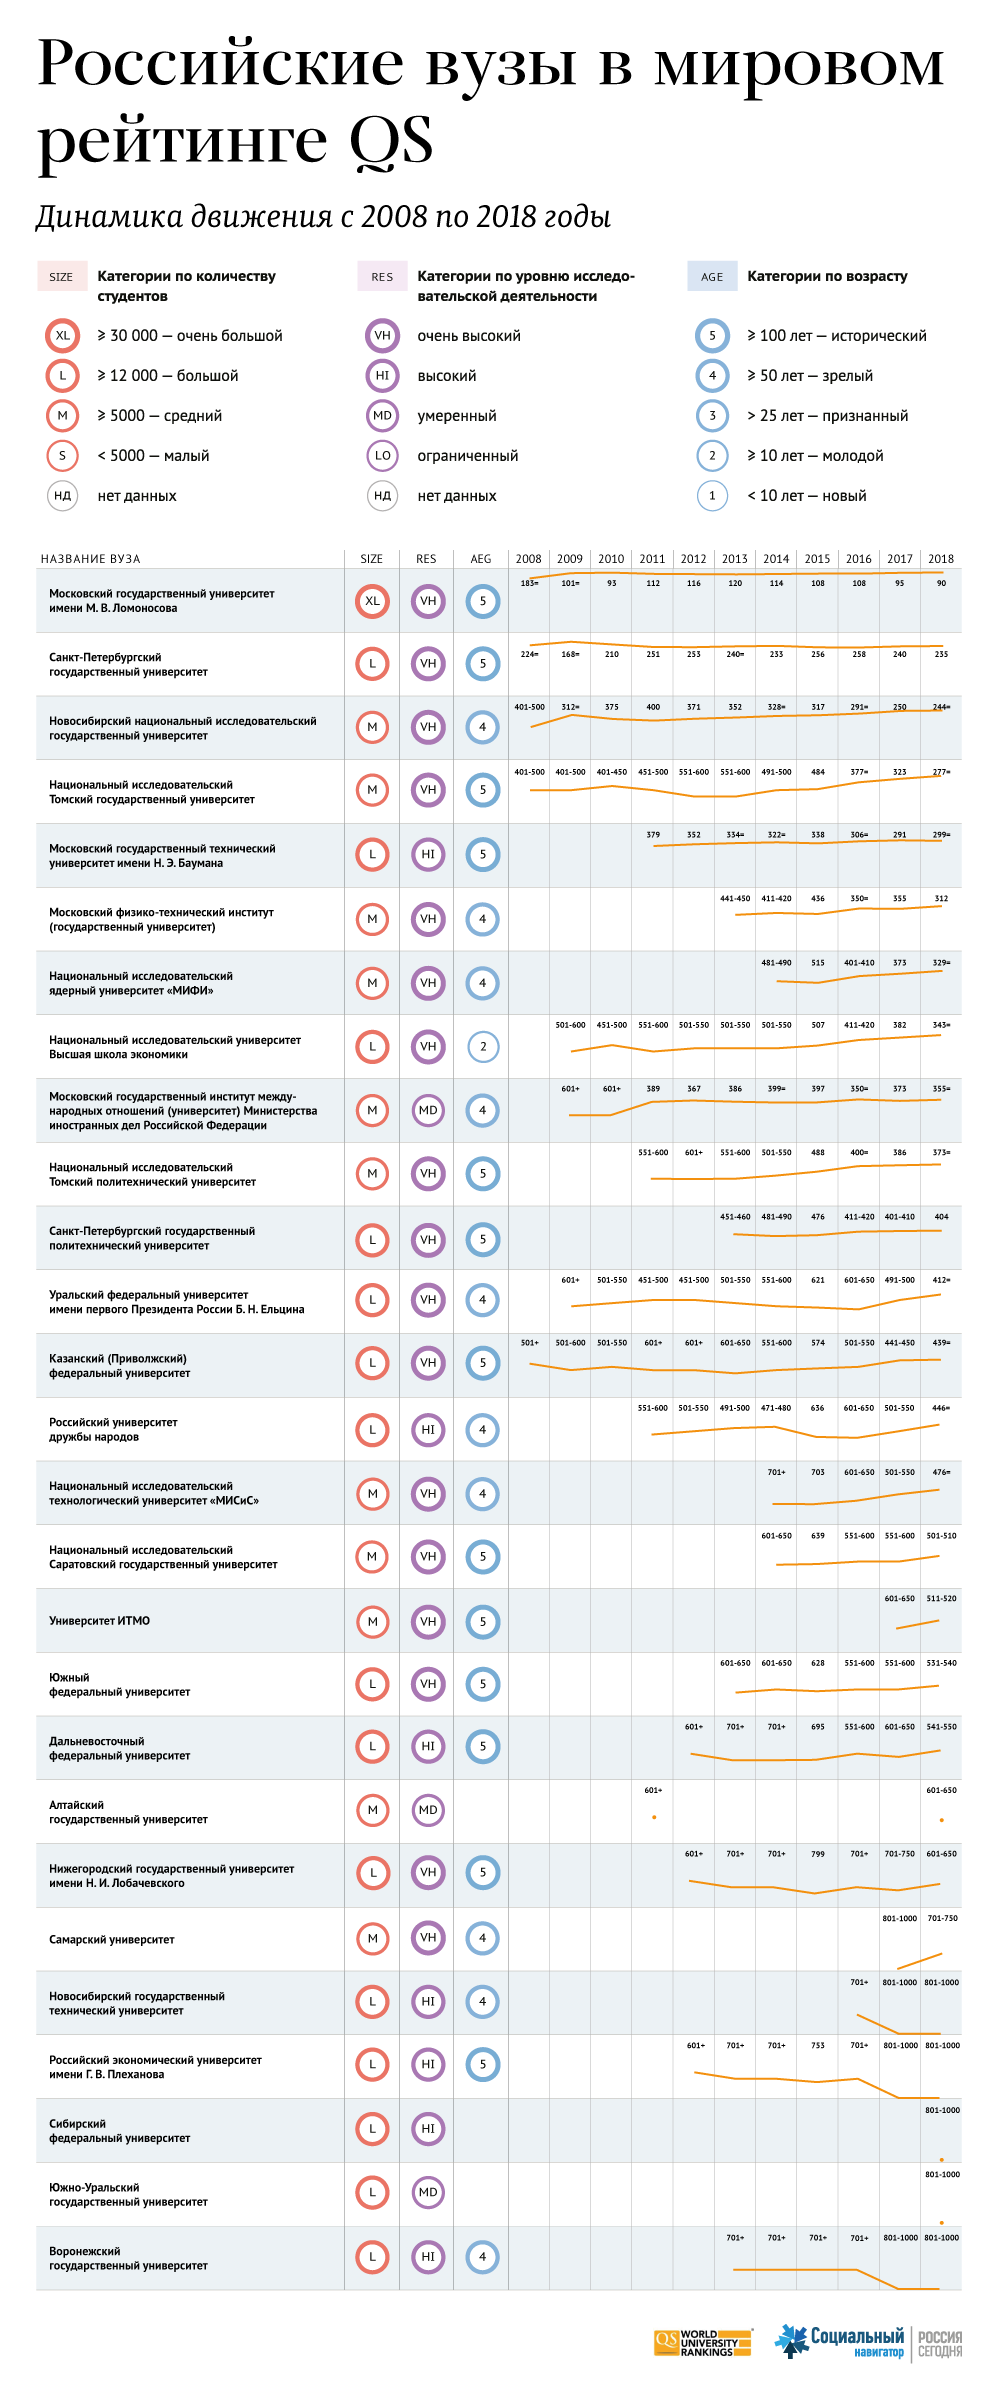 Российские вузы в мировом рейтинге QS - 2018